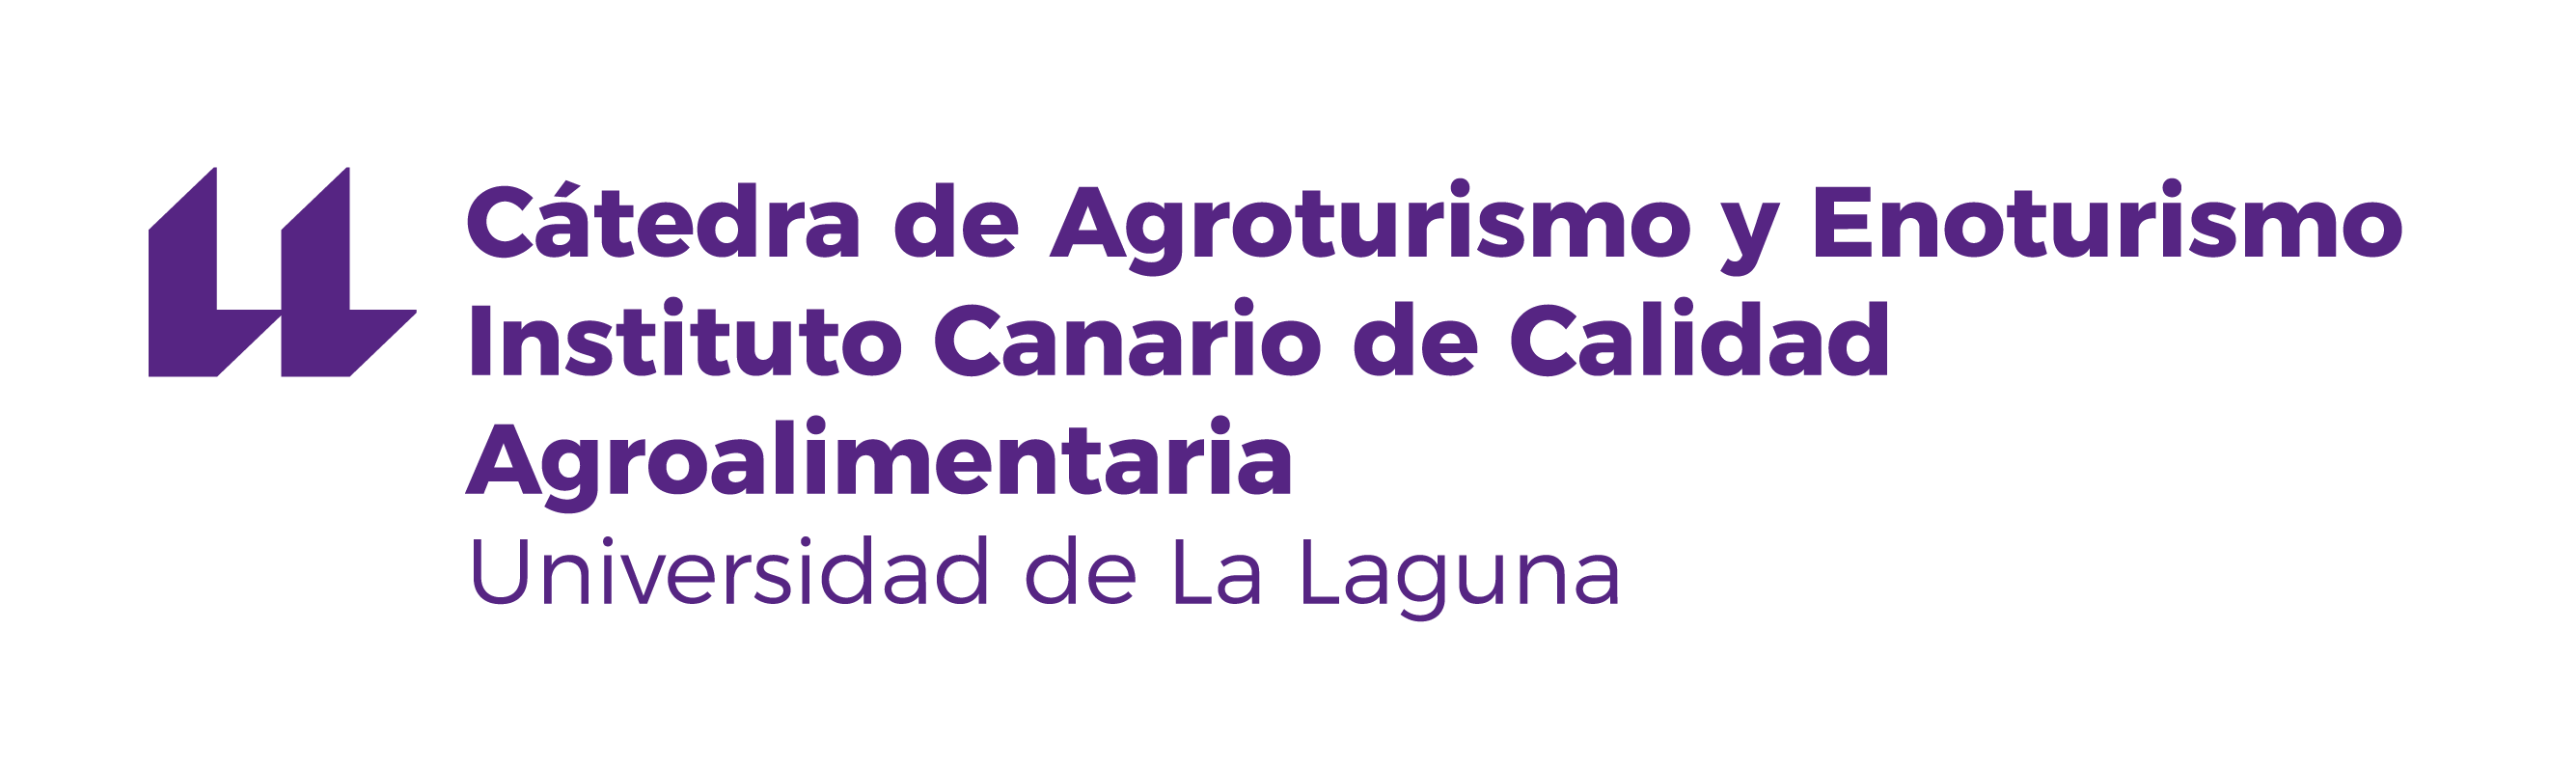 La Universidad de La Laguna internacionaliza el vino a través de la historia